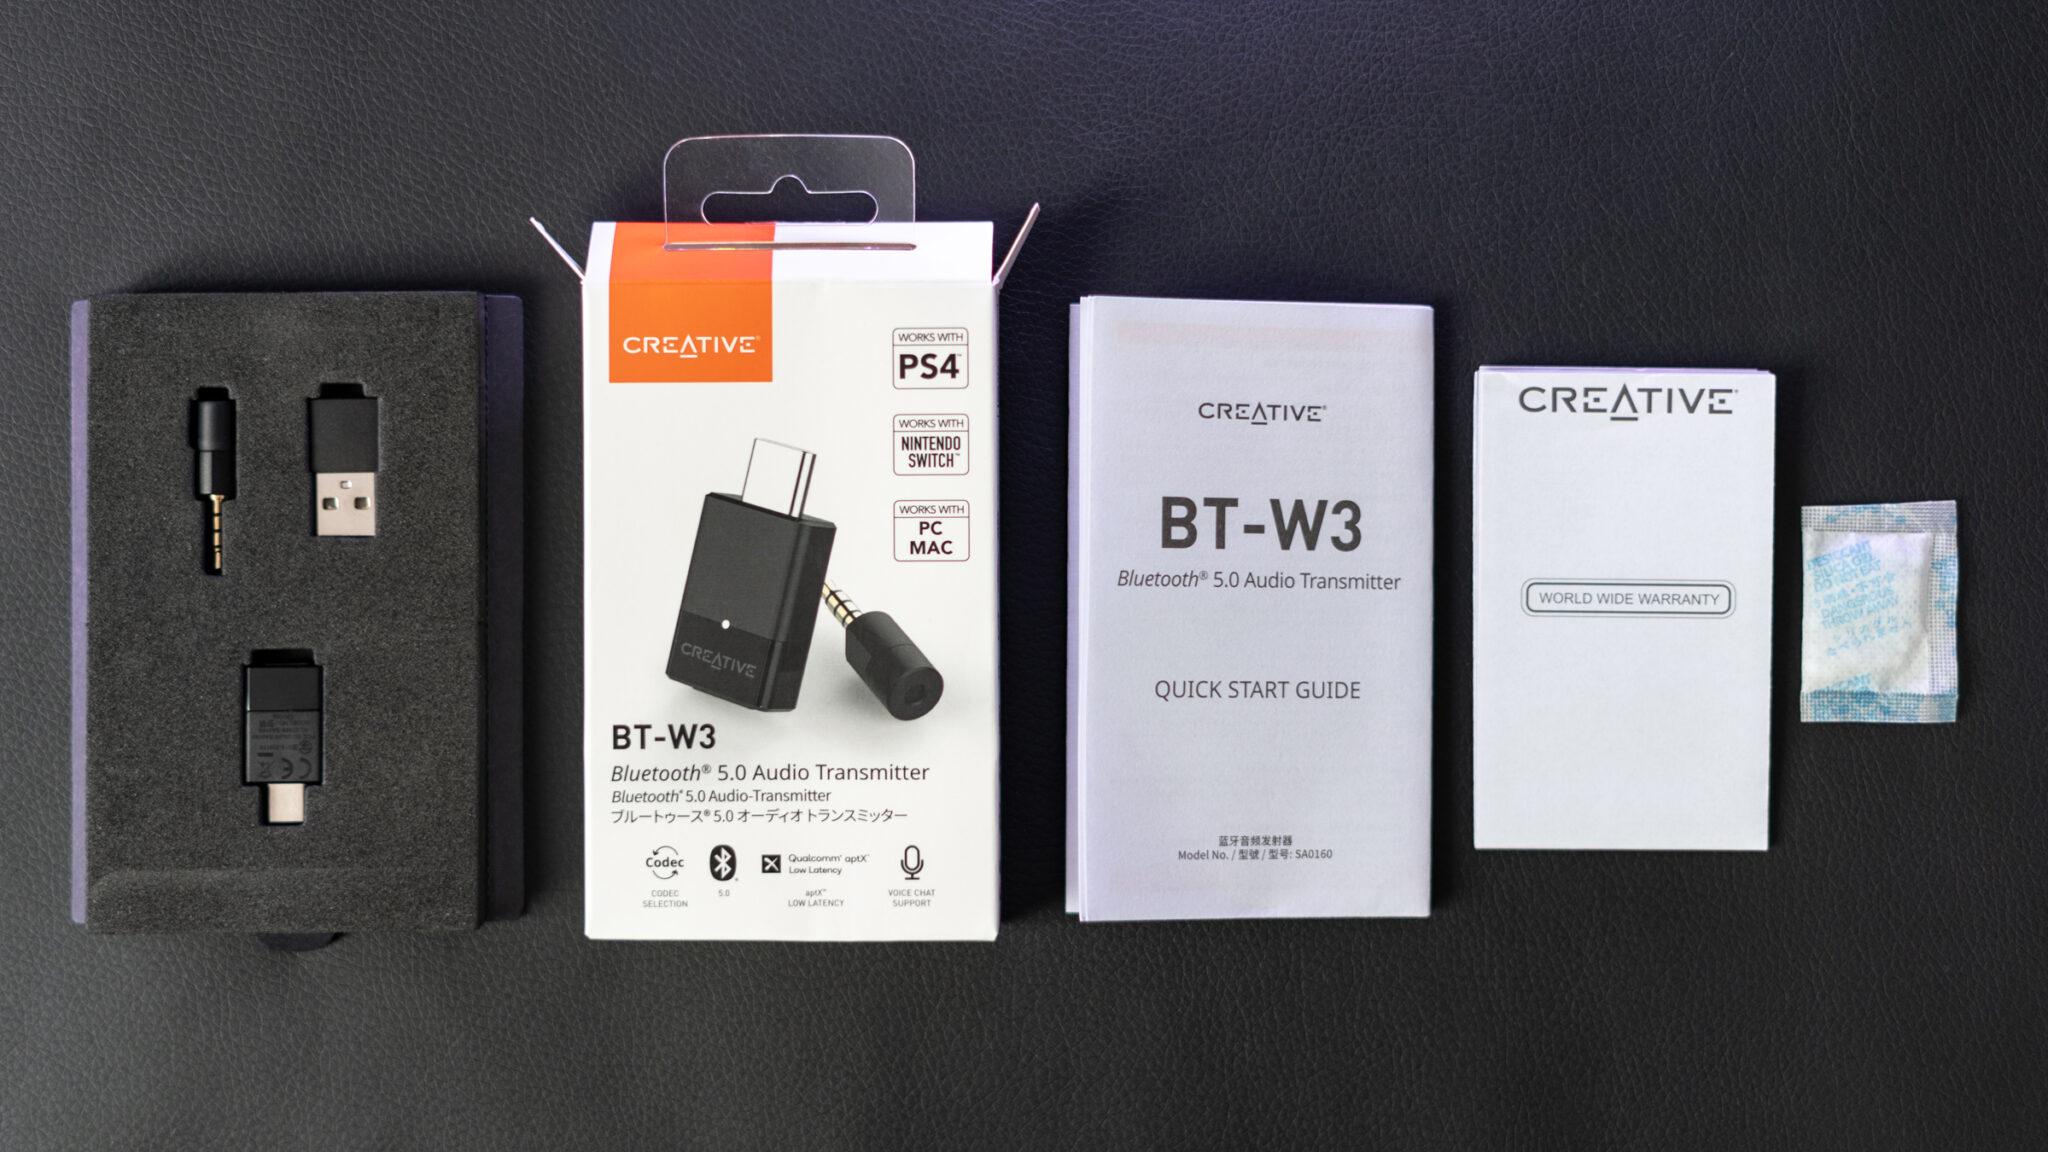 Creative BT-W3 Test